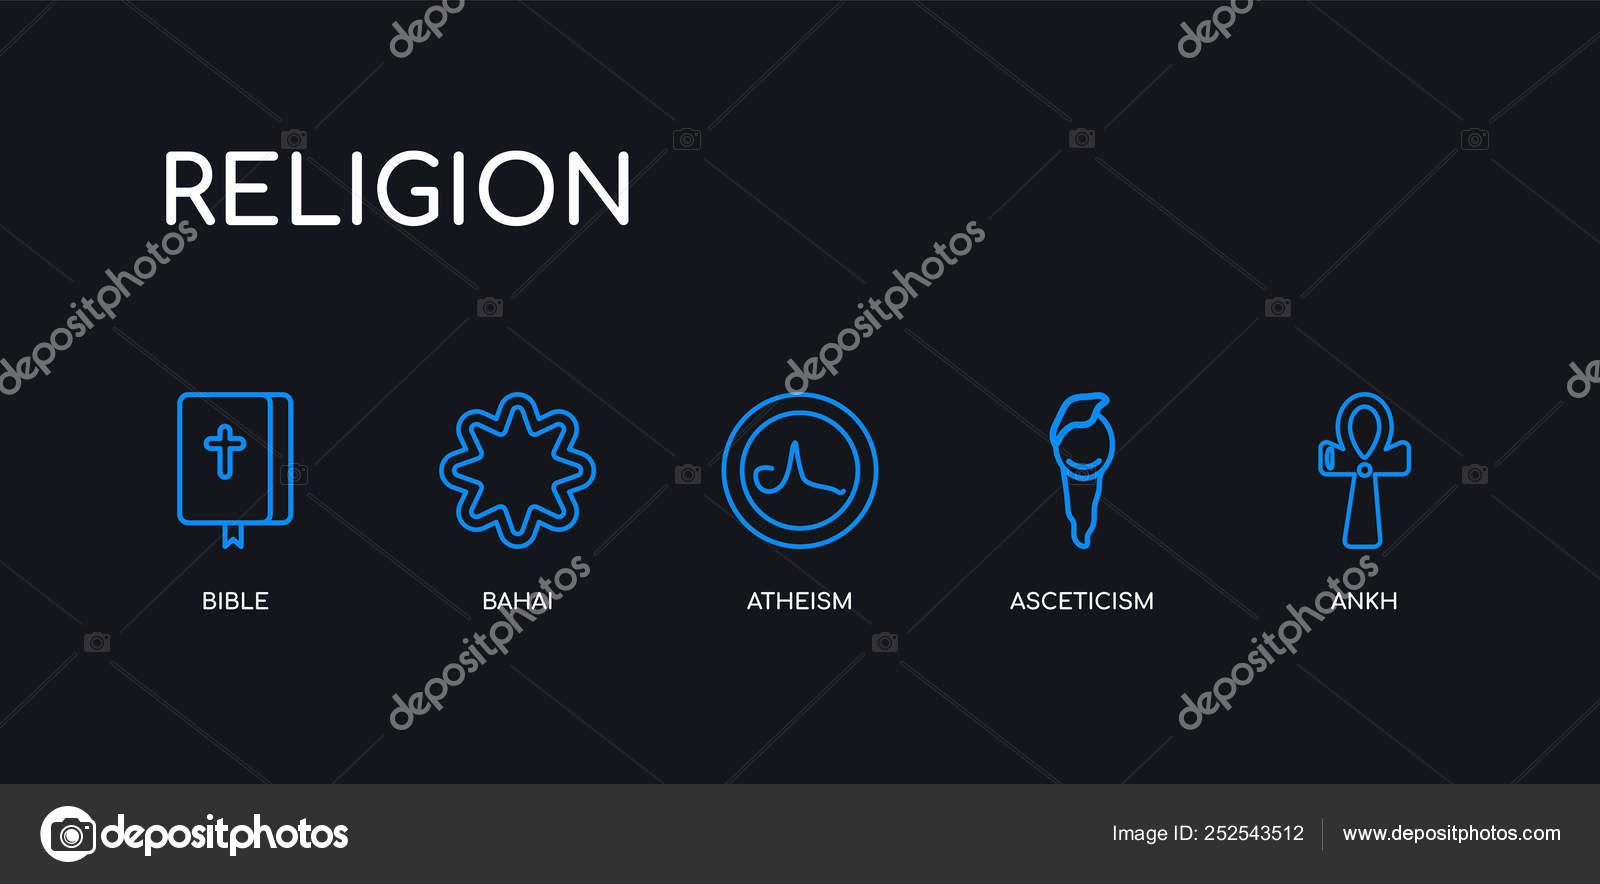 5 outline stroke blue ankh, asceticism, atheism, bahai